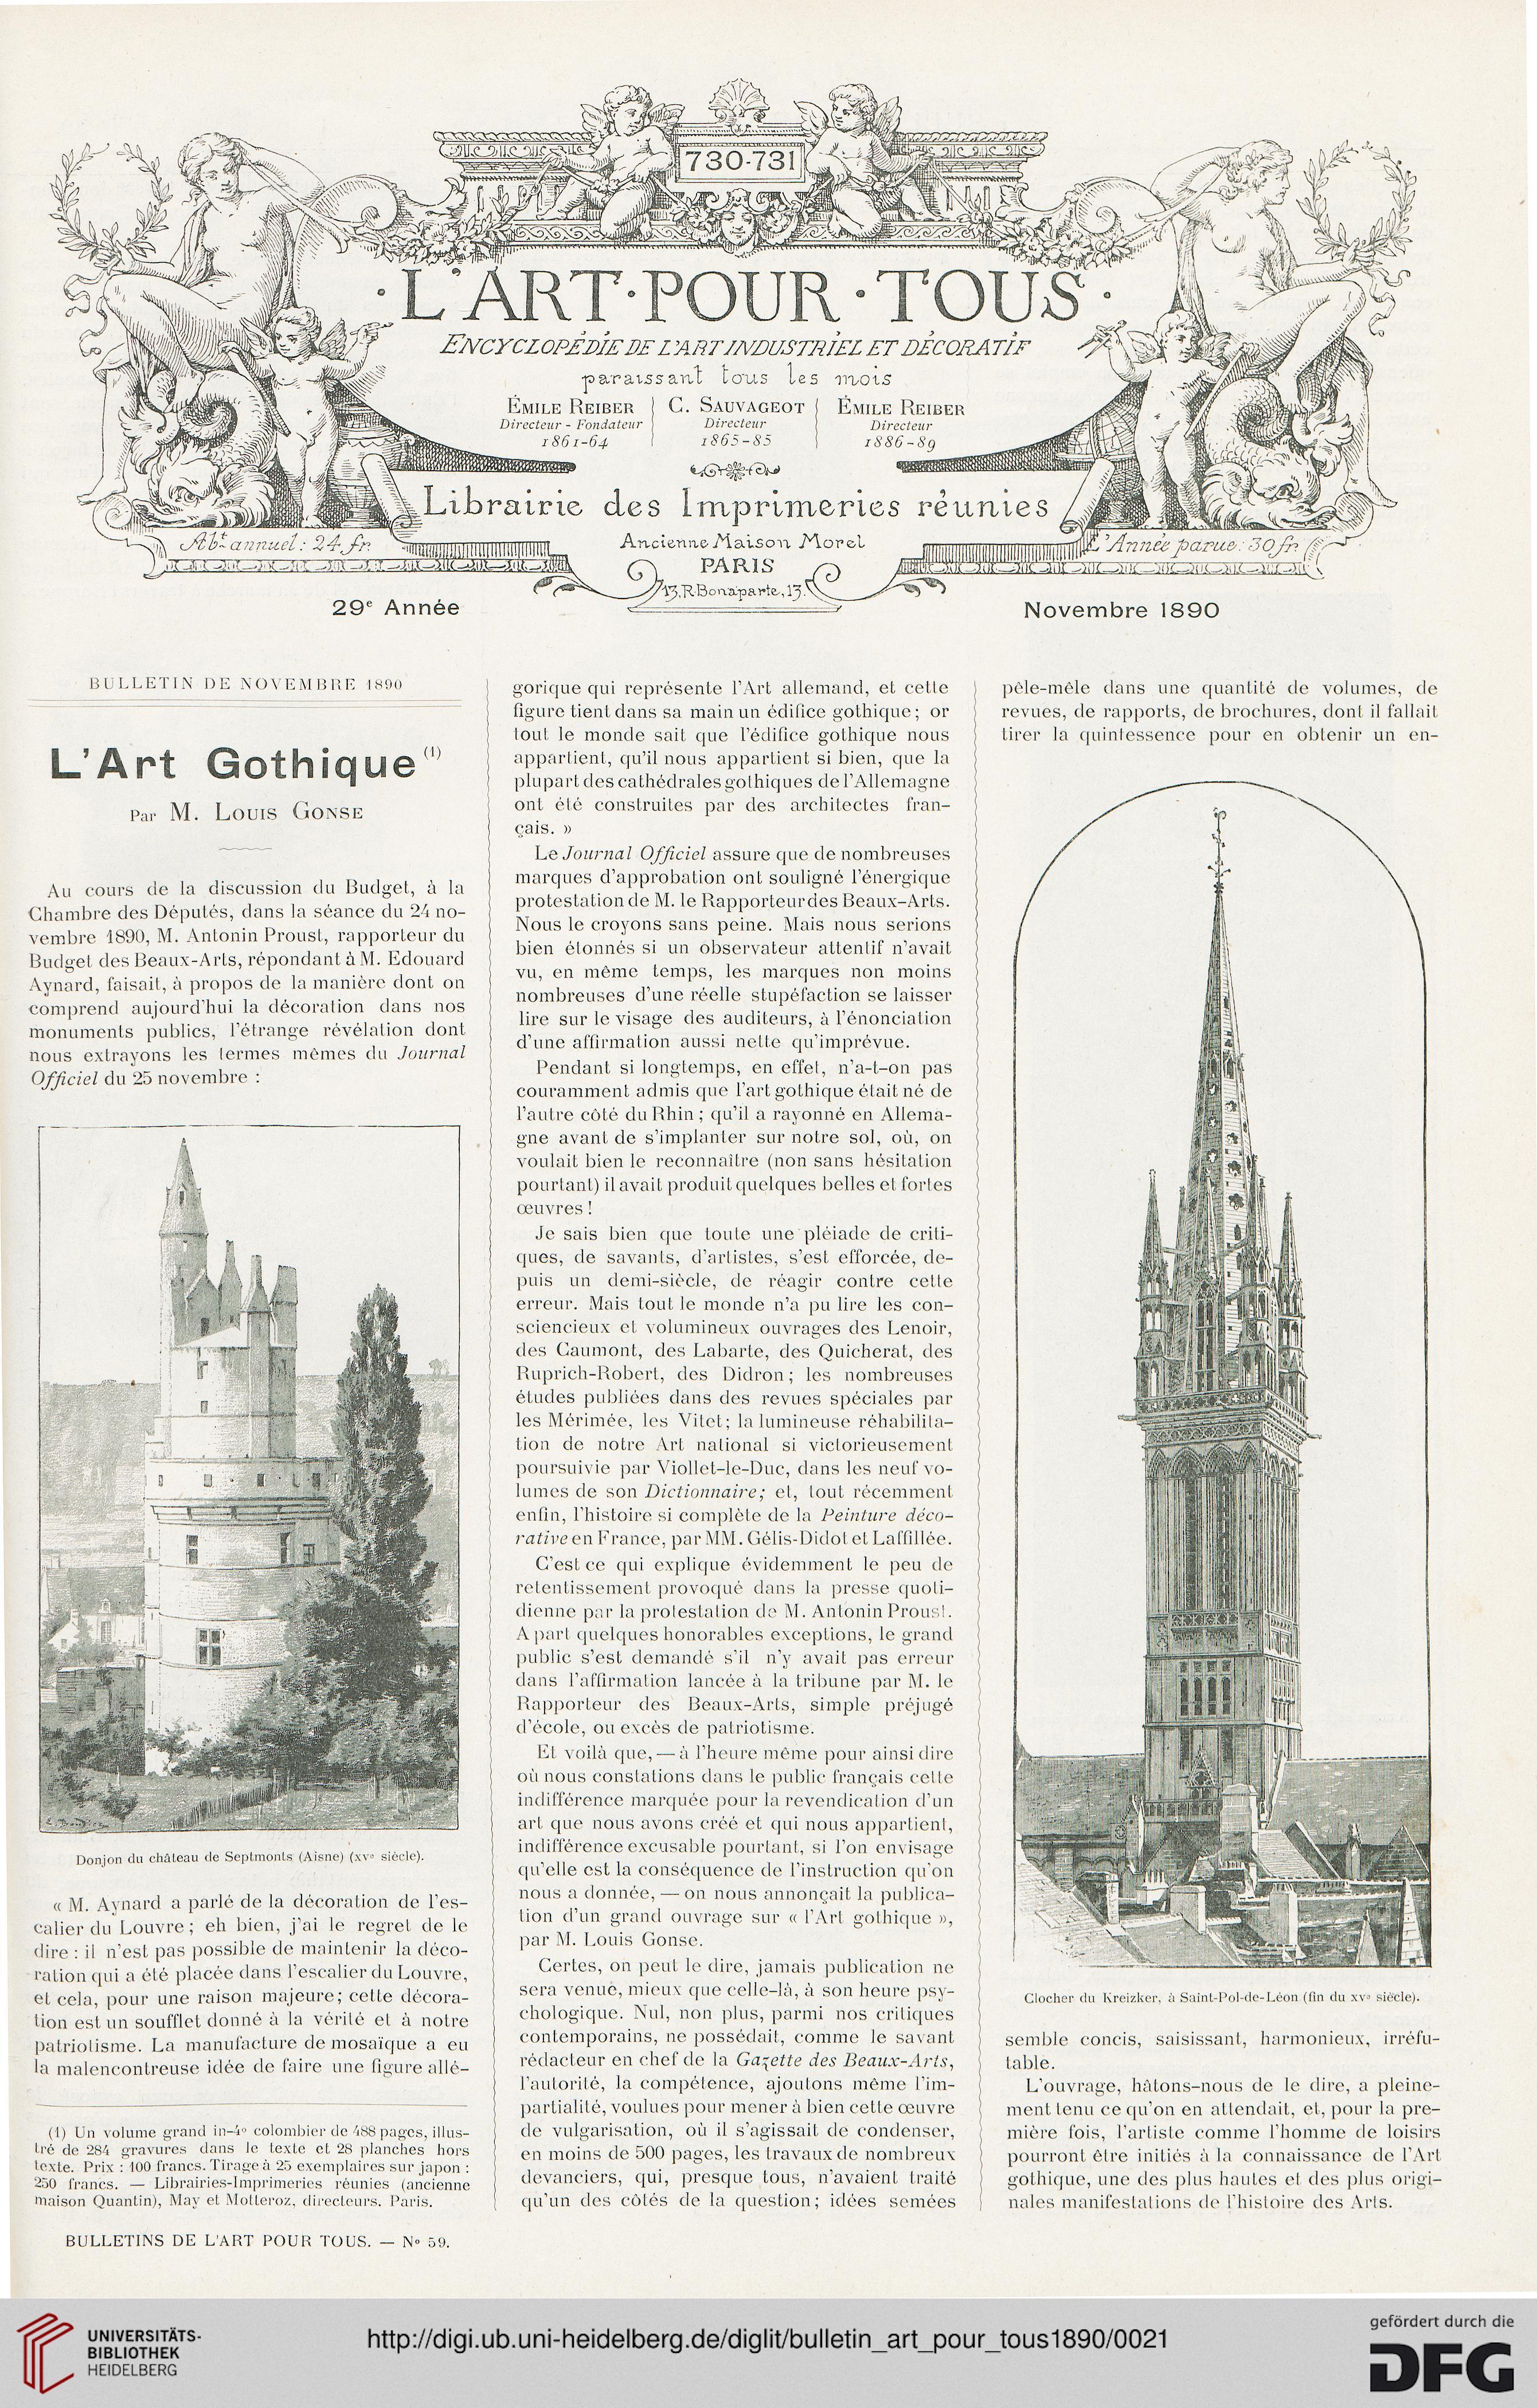 Bulletin de l\' art pour tous (1890)